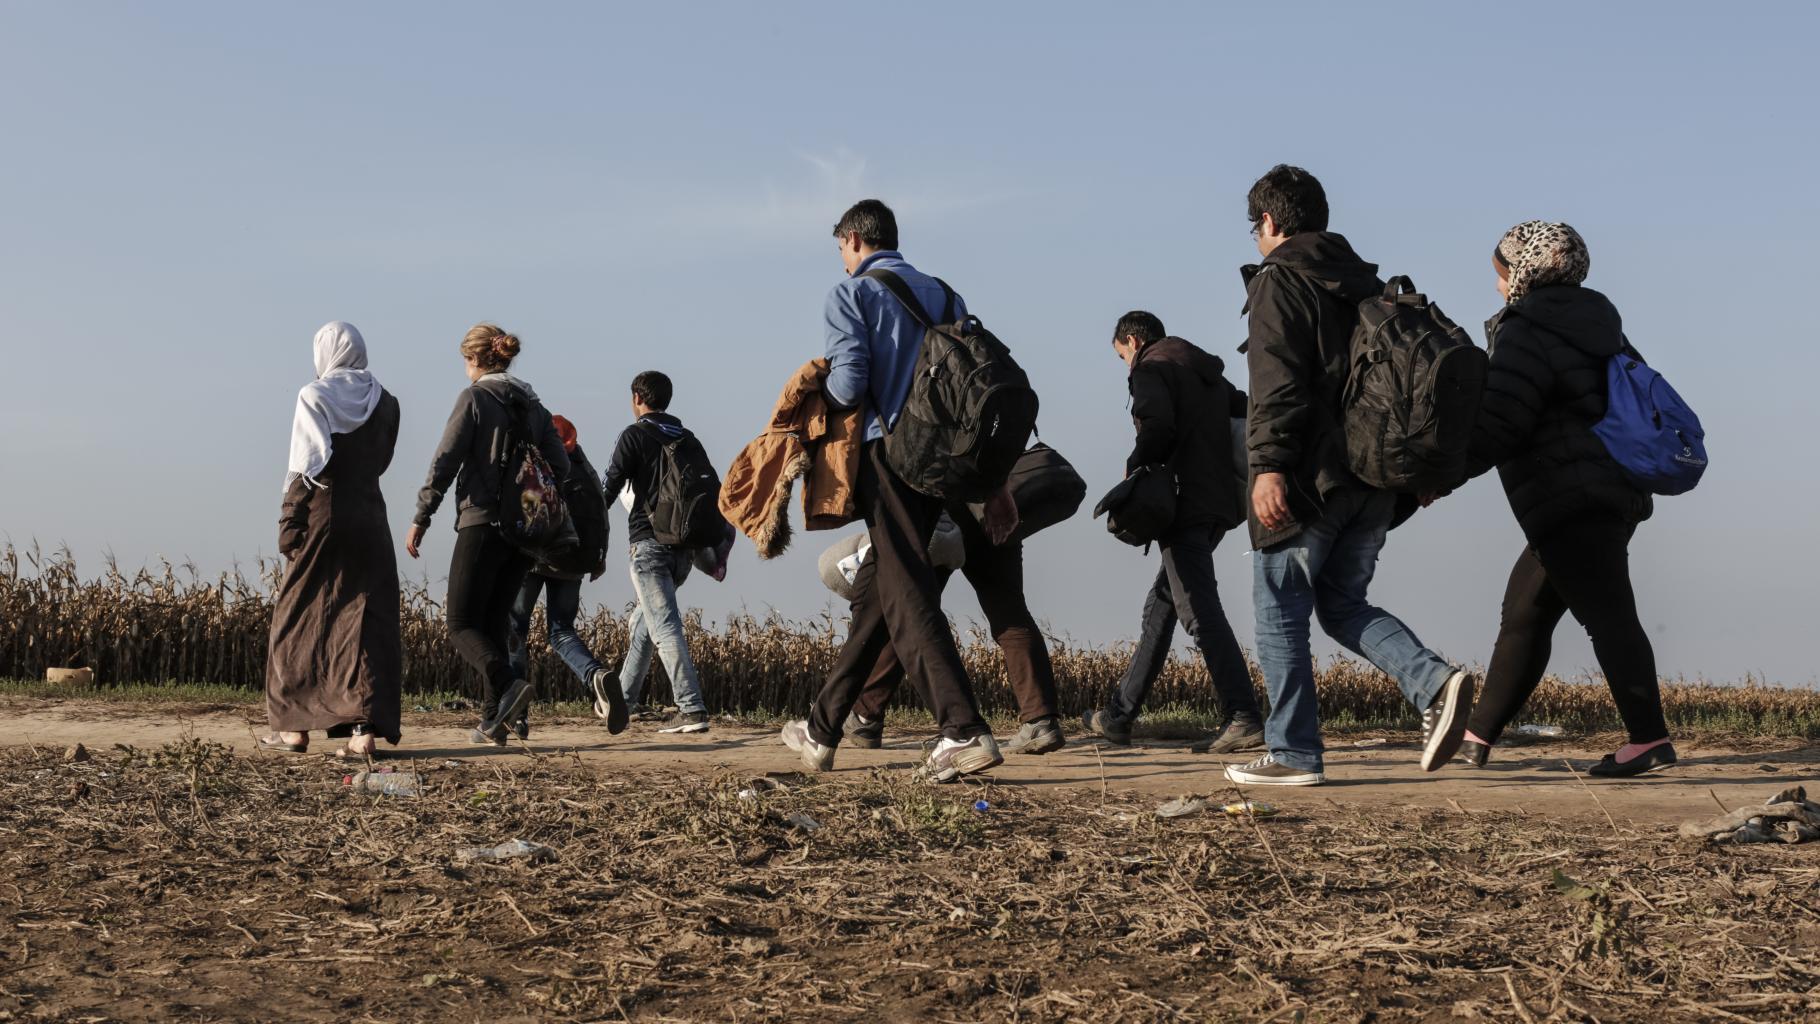 Eine Gruppe von Menschen geht auf einem Weg zwischen Feldern